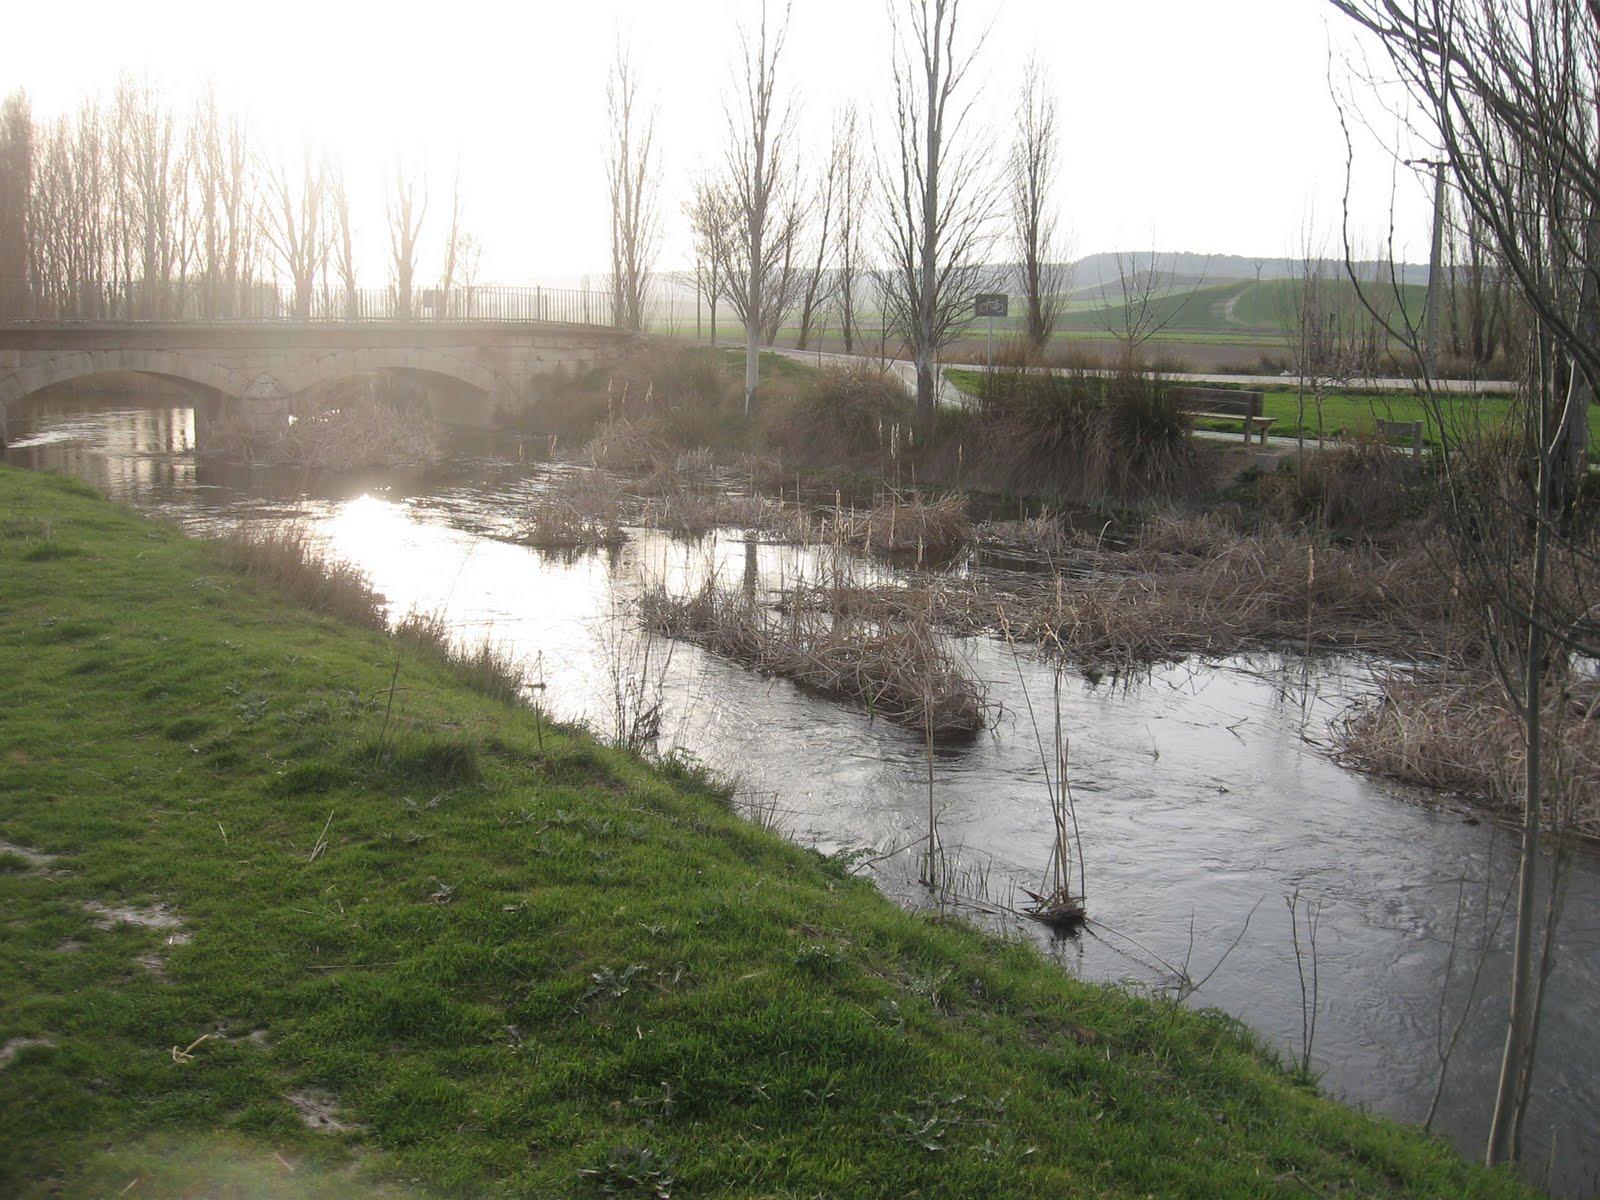 Rios y truchas rio esgueva tramo en reguimen especial for Piscina rio esgueva